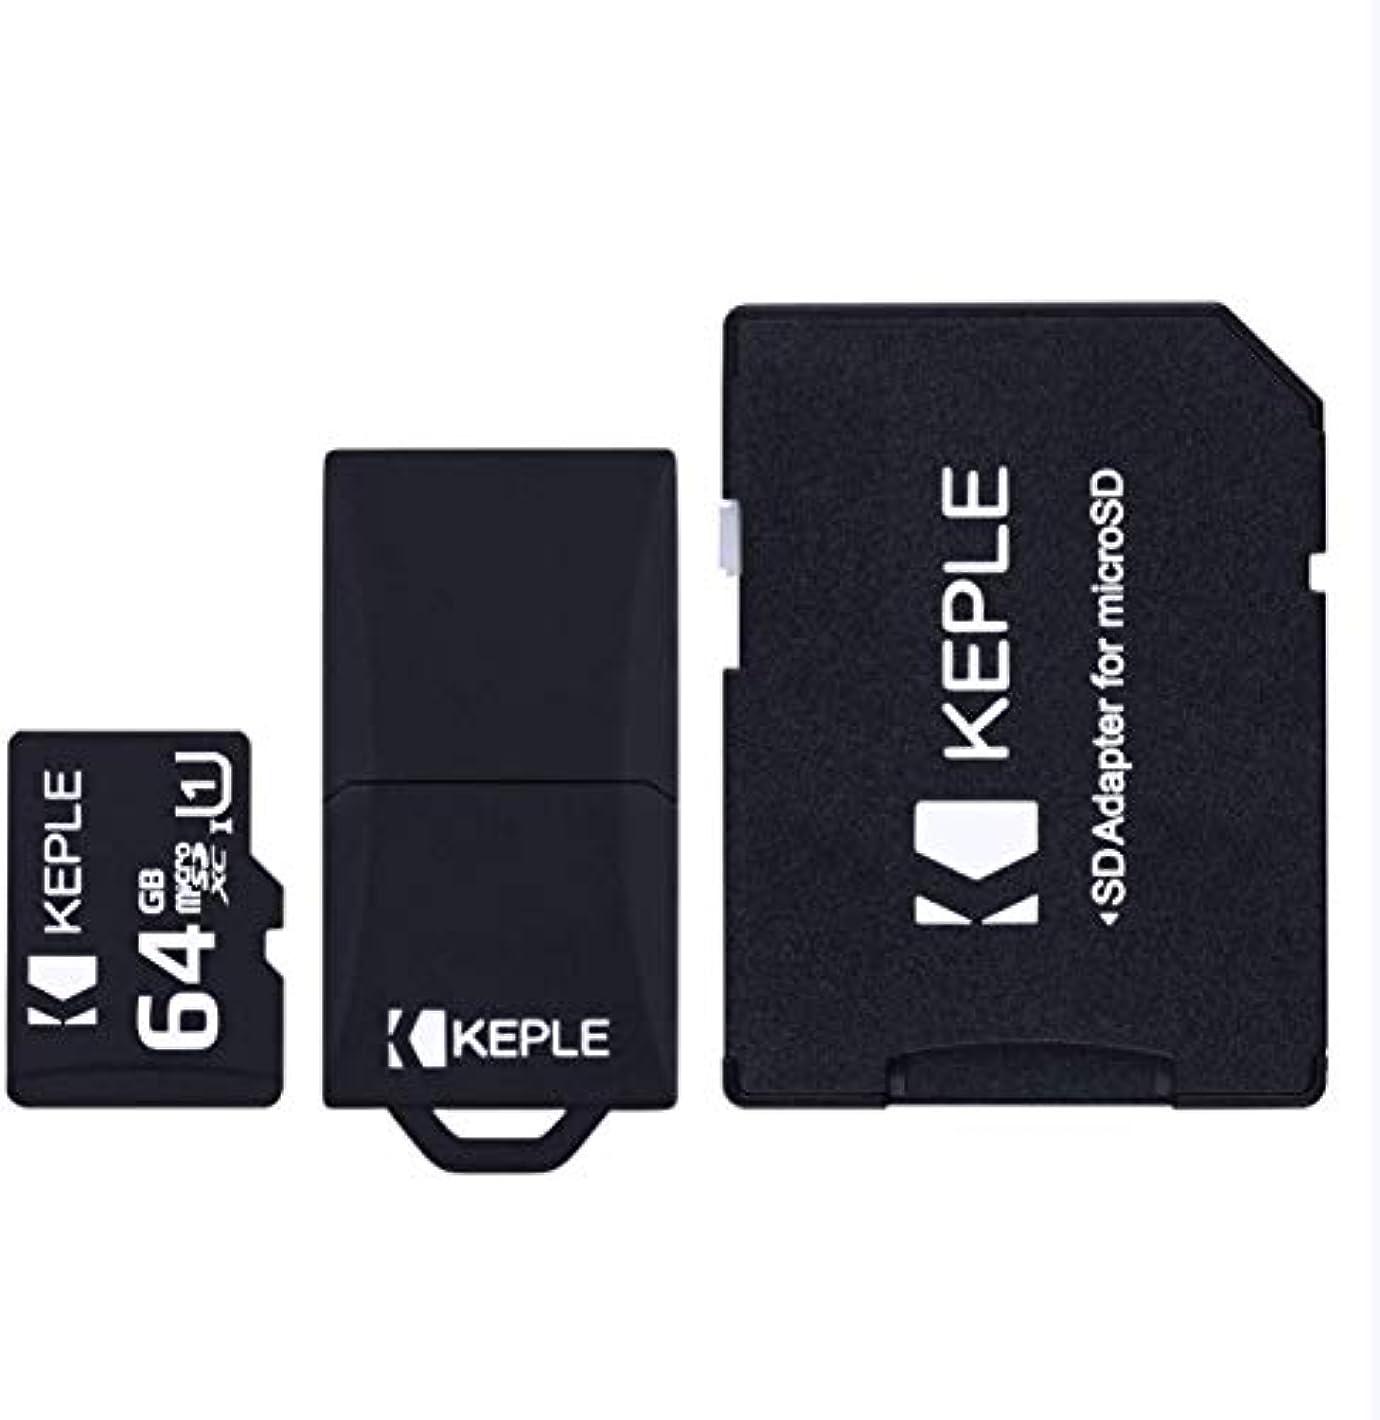 どちらも千アドバイスKeple 64GBmicroSDメモリーカード マイクロSDクラス10 サムスン Galaxy Tab S2 8.0、E SM-T560、S2 SM-T813、A SM-T580、3 Lite SM-T110、Linx、Tab 4 - (7、8、10.1インチ) タブレット PC   64GB用